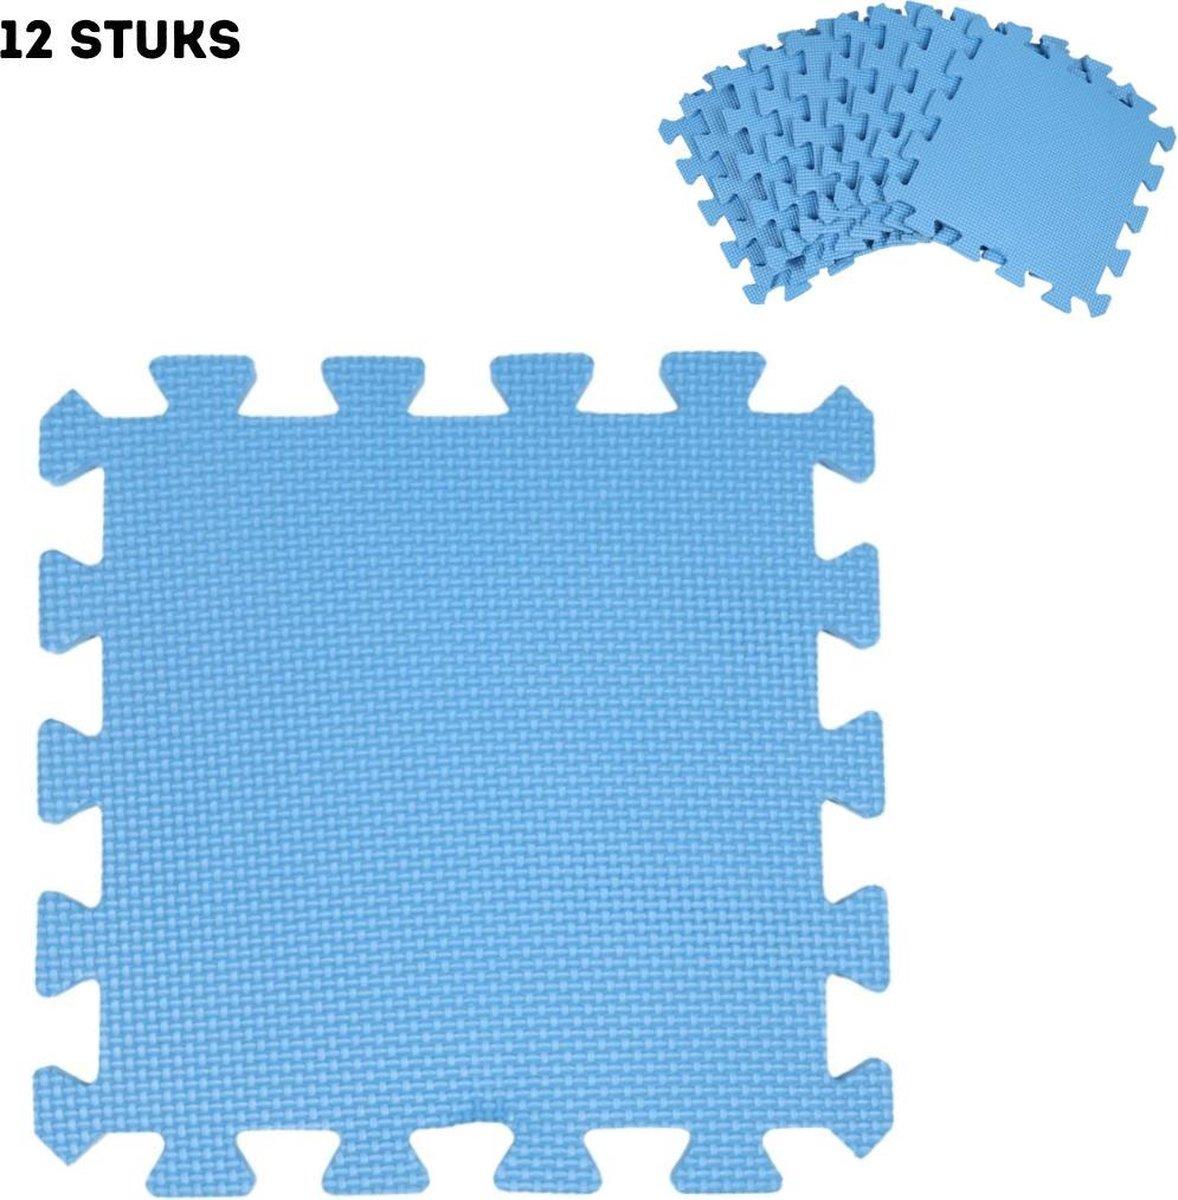 Zwembadtegels - 12 stuks - Ondertegels - Grondzeil - Vloerbescherming - Ondergrond - Foam - Tegels - Vloerpuzzel - Matten - Mat - Speelmat - Puzzelmat voor zwembad - Baby - Kinderen - Fitness - Buitentegels